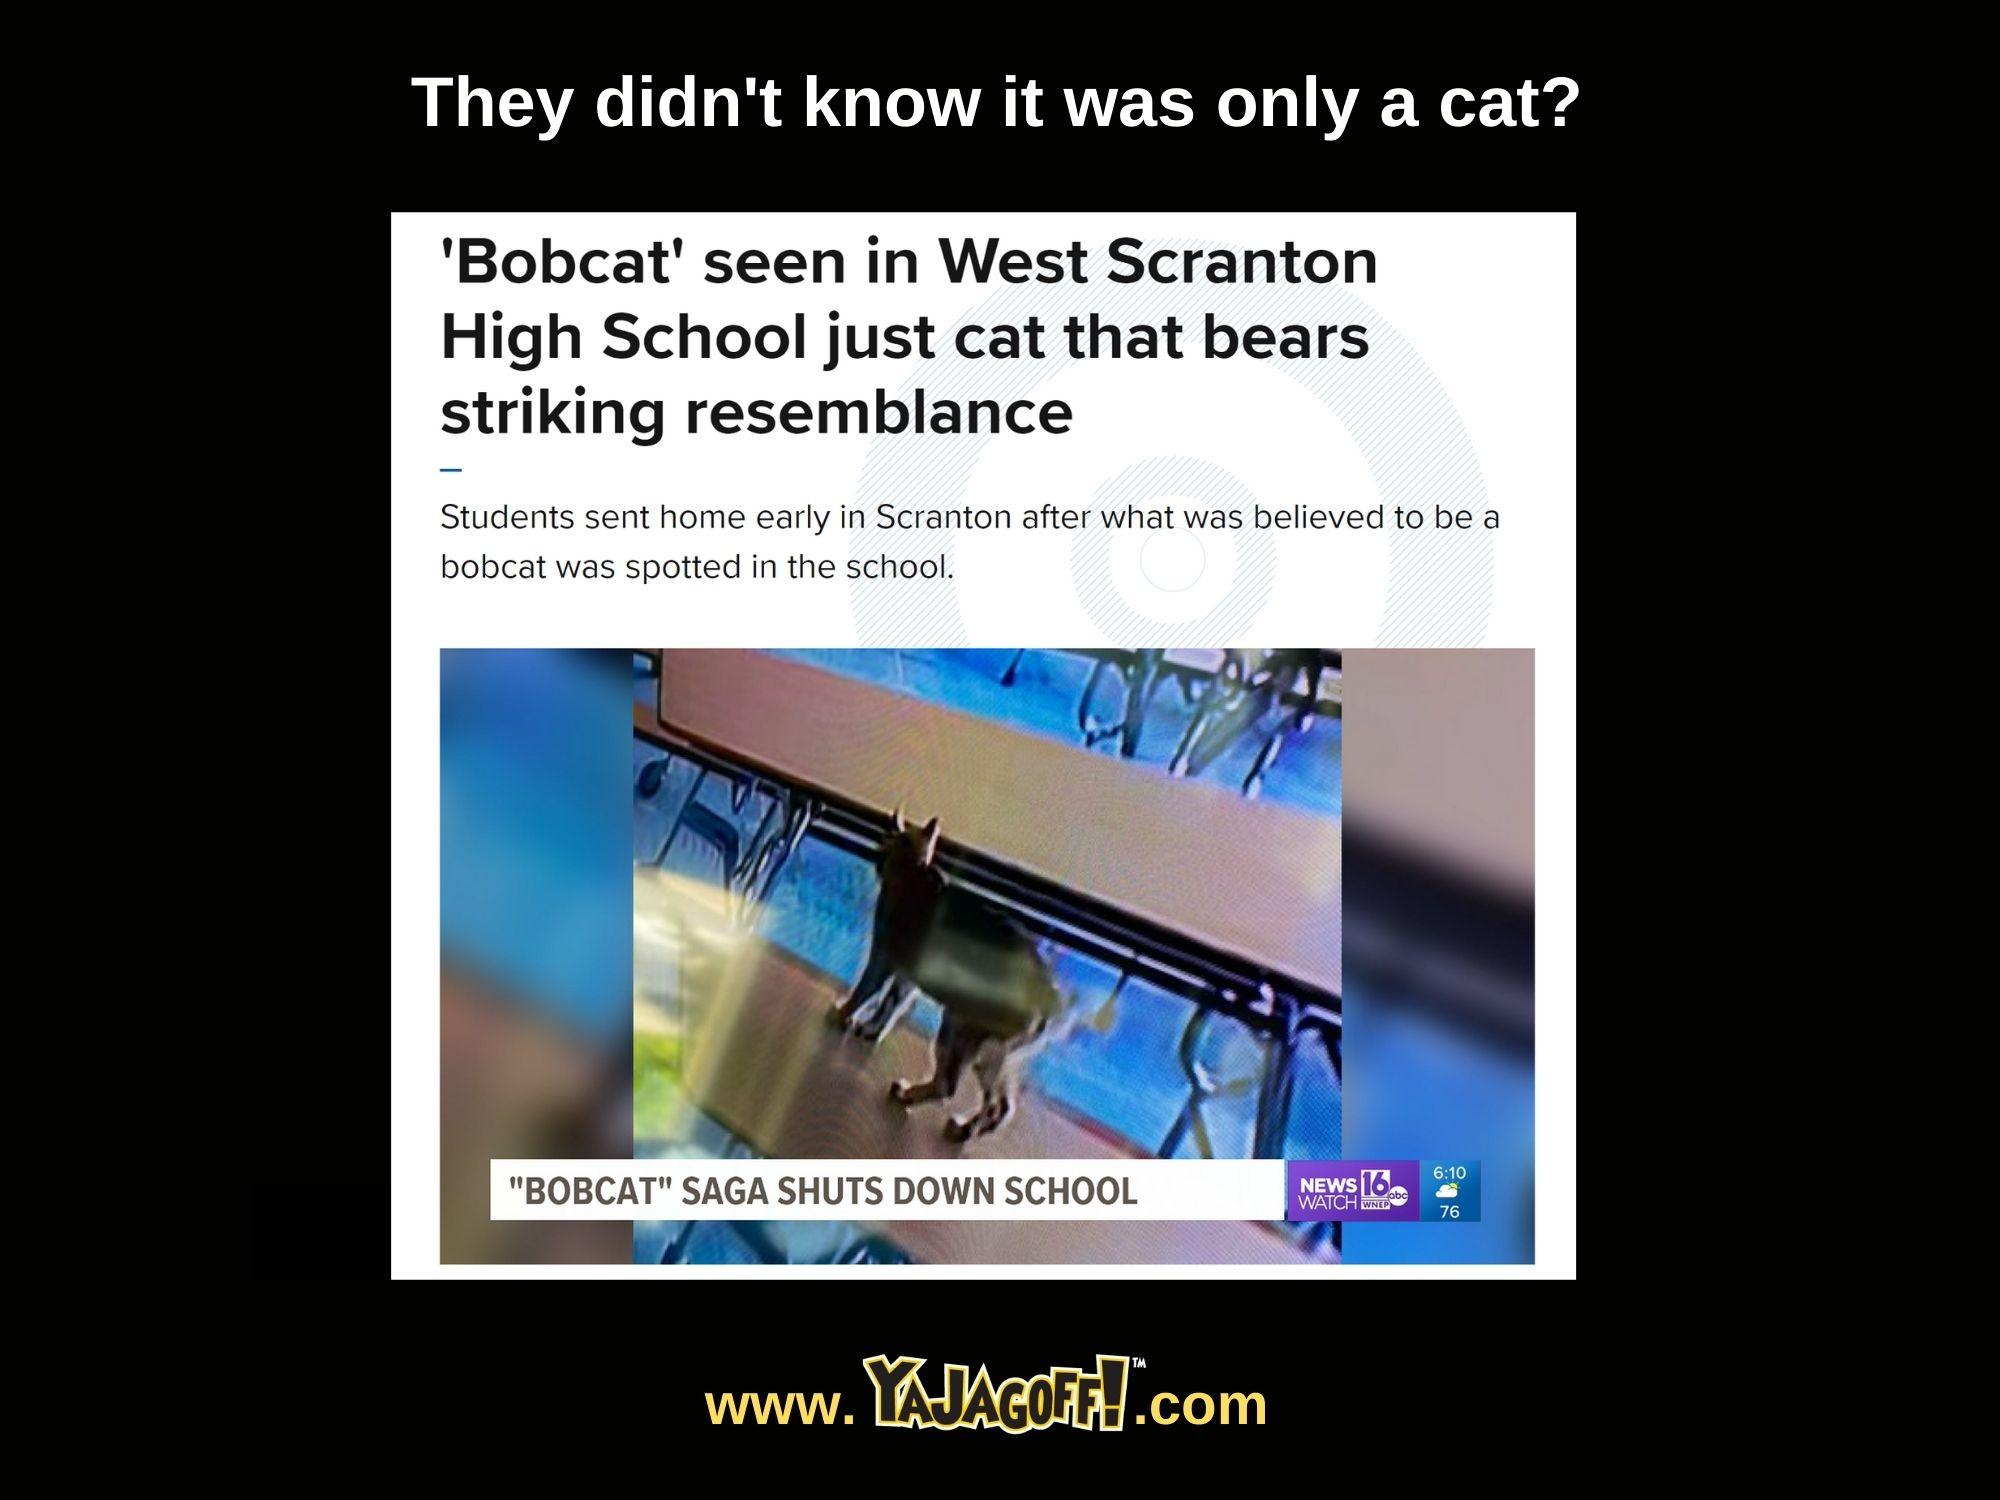 Bobcat' seen in West Scranton High School just cat